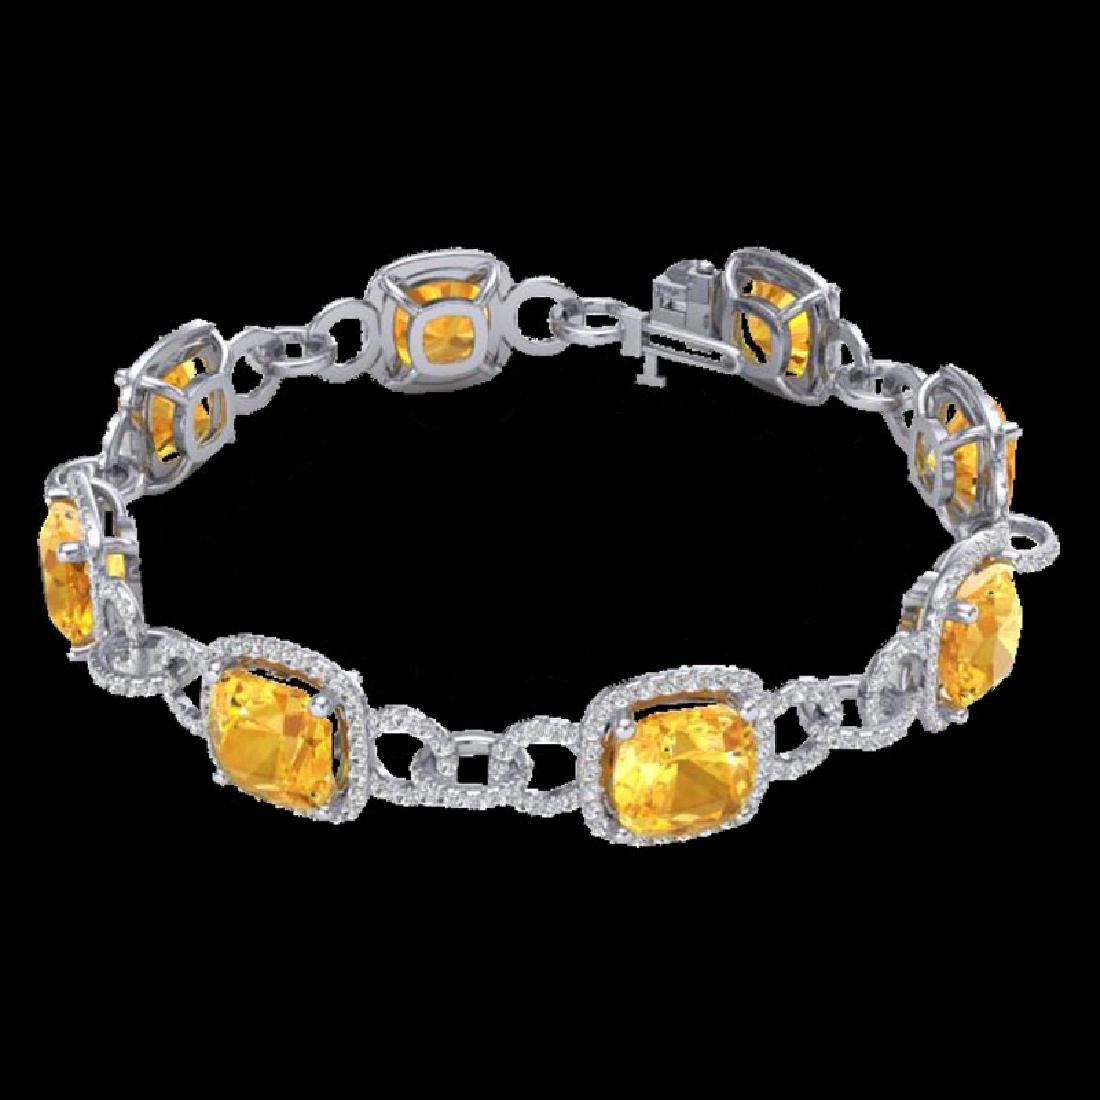 30 CTW Citrine & Micro VS/SI Diamond Bracelet 14K White - 2